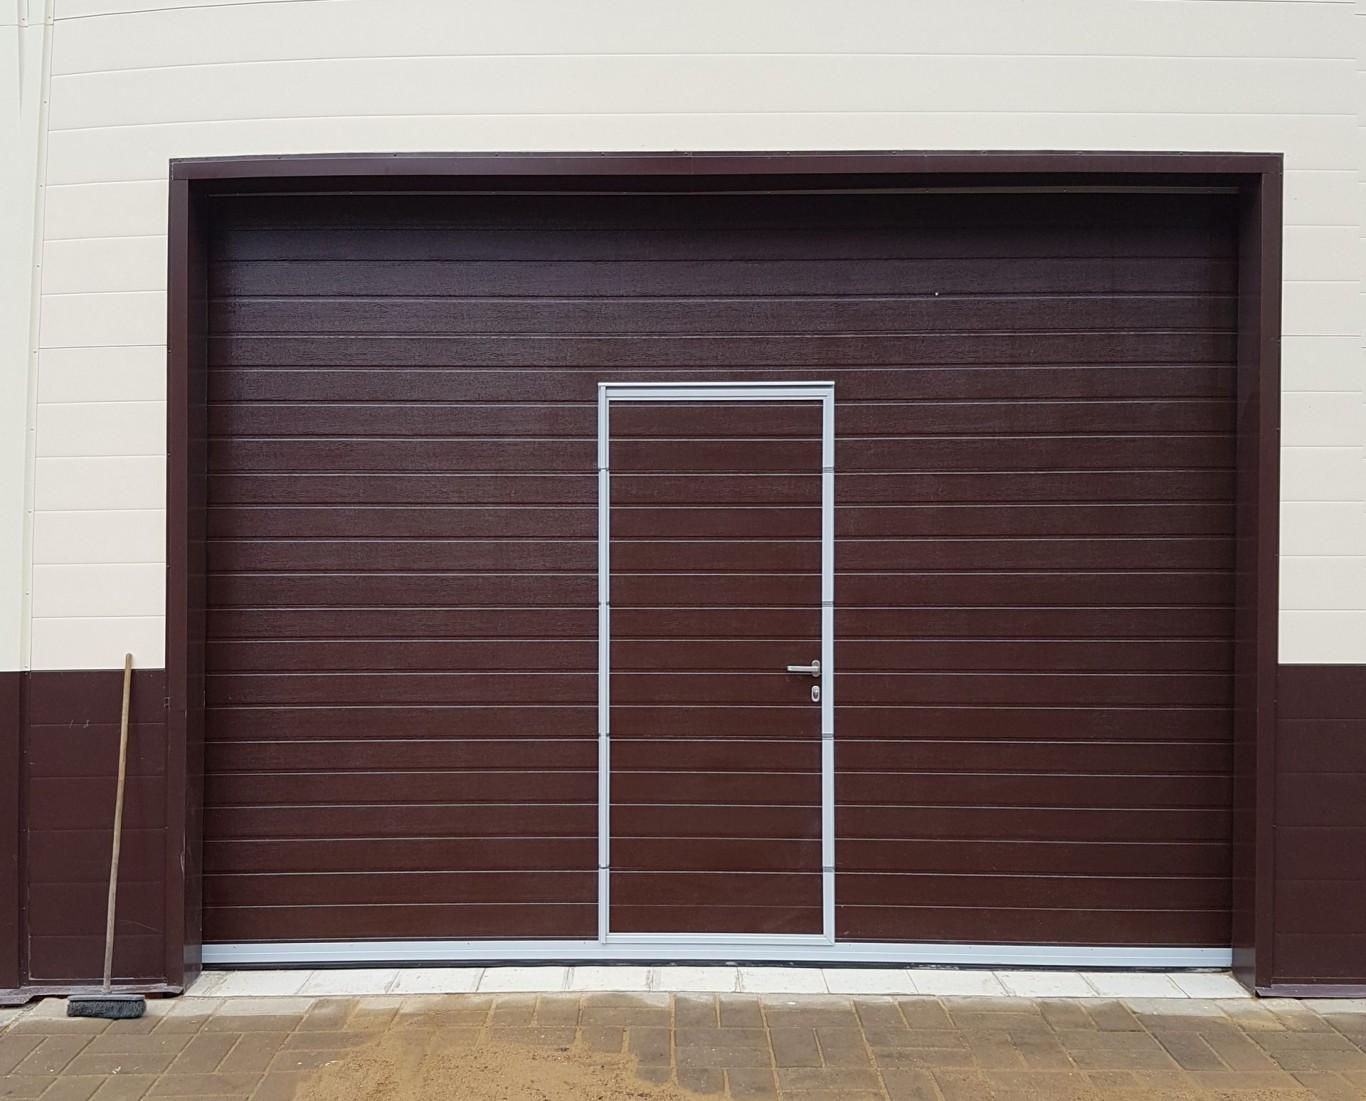 Секционные гаражные ворота DoorHan RSD02 с калиткой купить в Белгороде